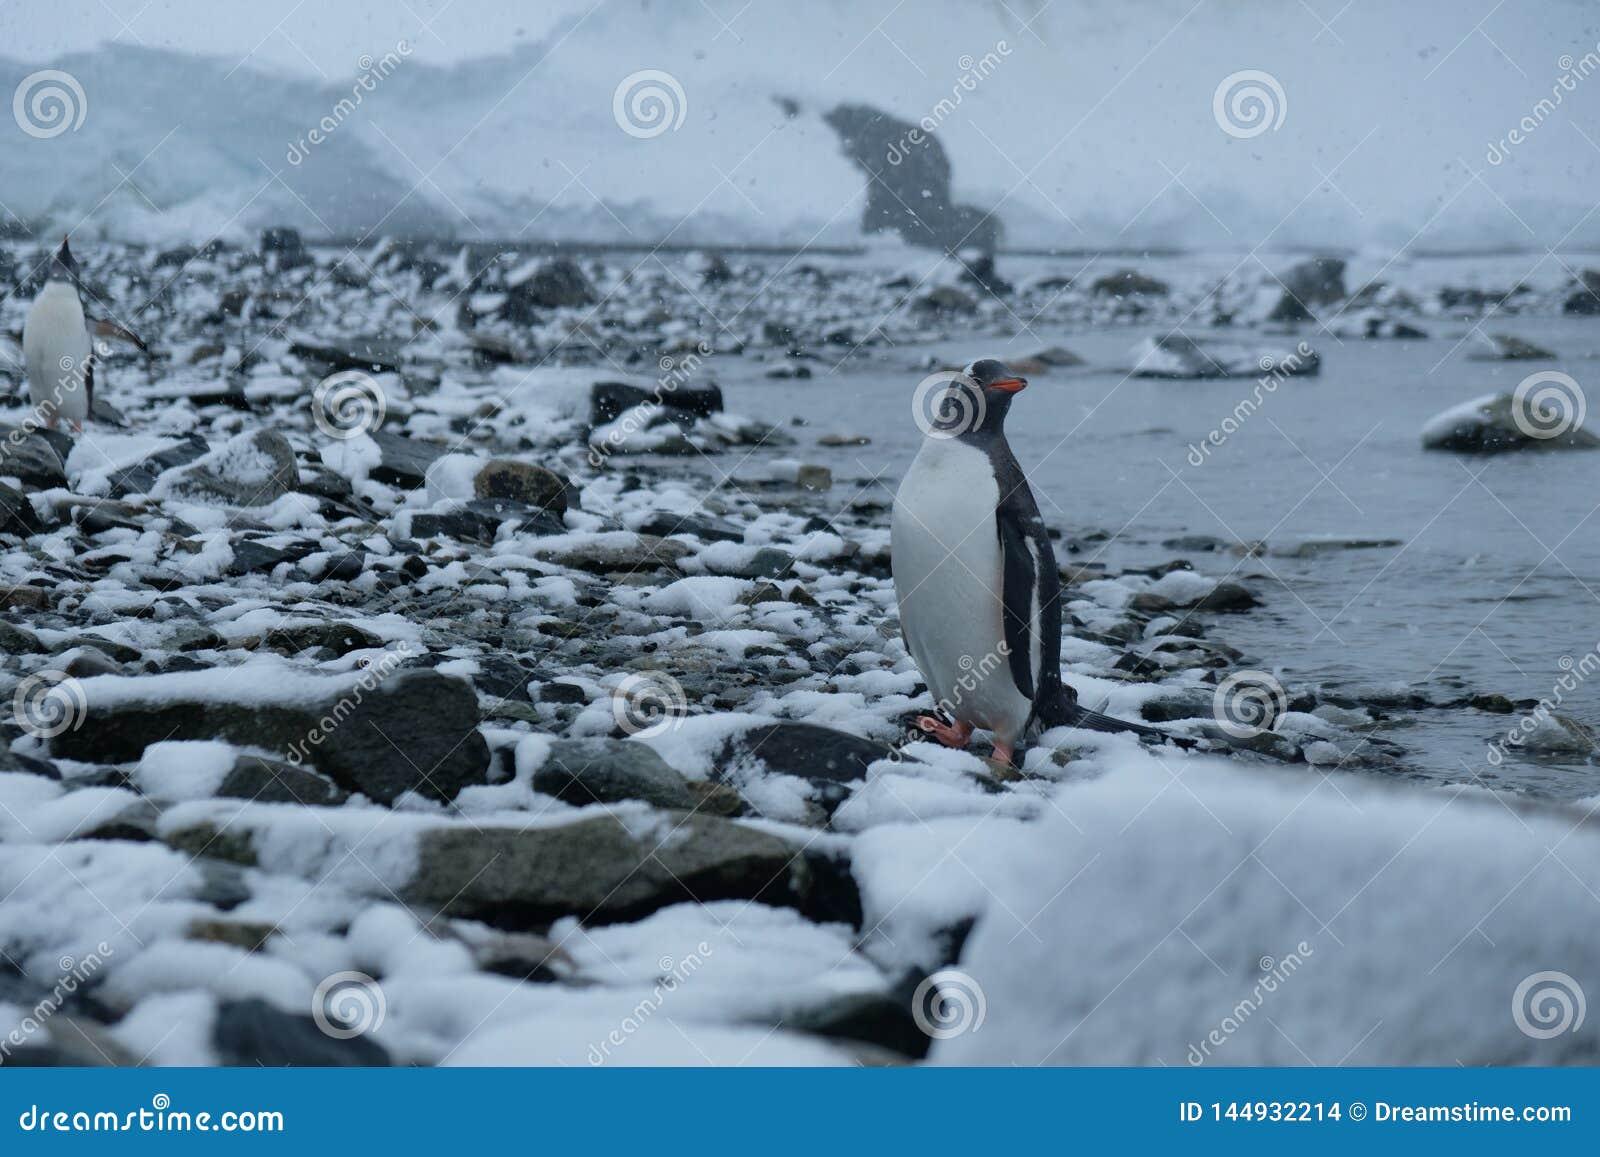 Suportes dos pinguins da Antártica Gentoo na praia rochosa nevado após a caça